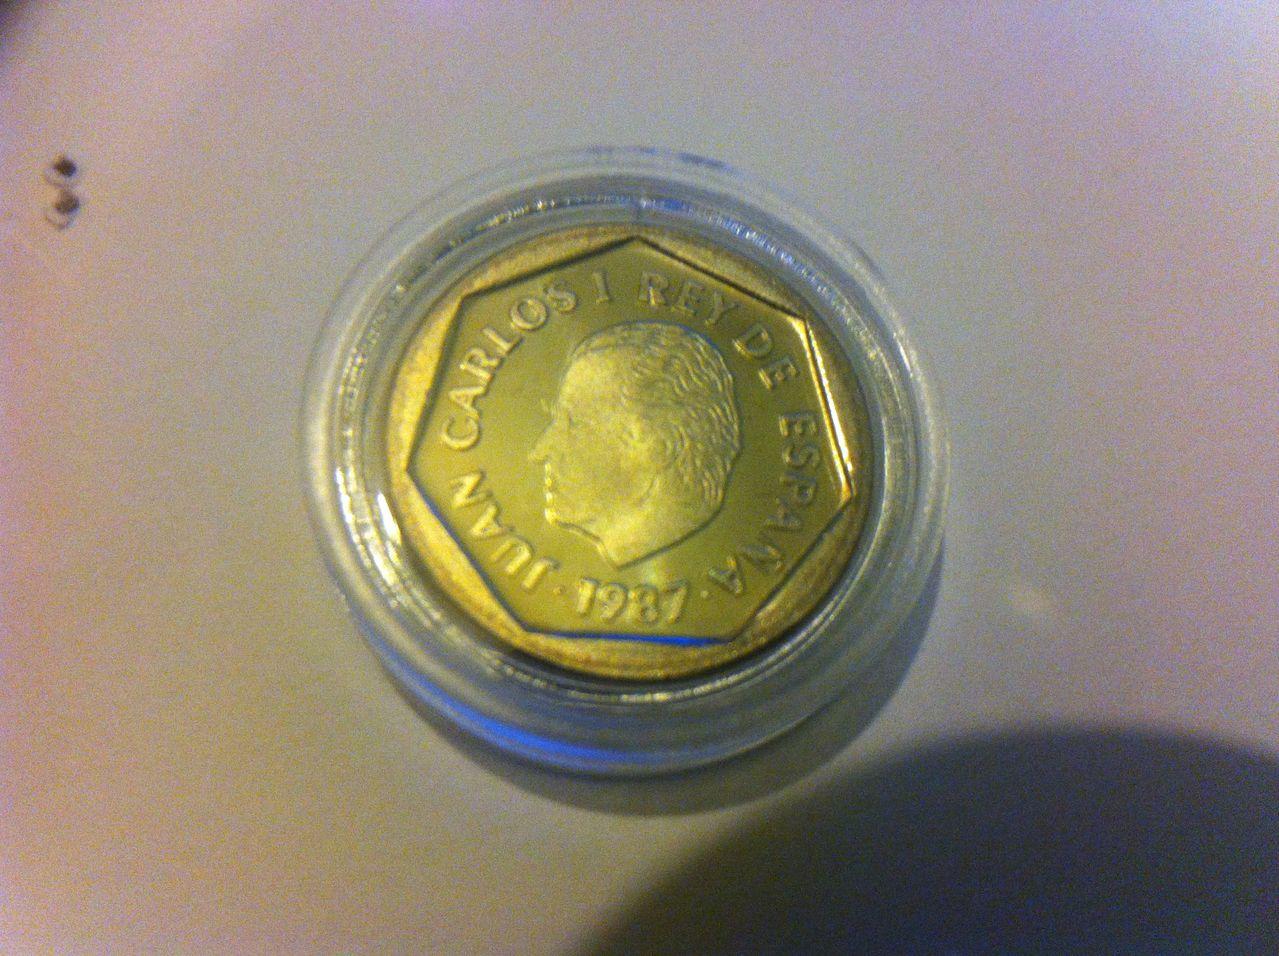 200 pesetas 1987 E-87, dedicada a todos,  IMG_3610